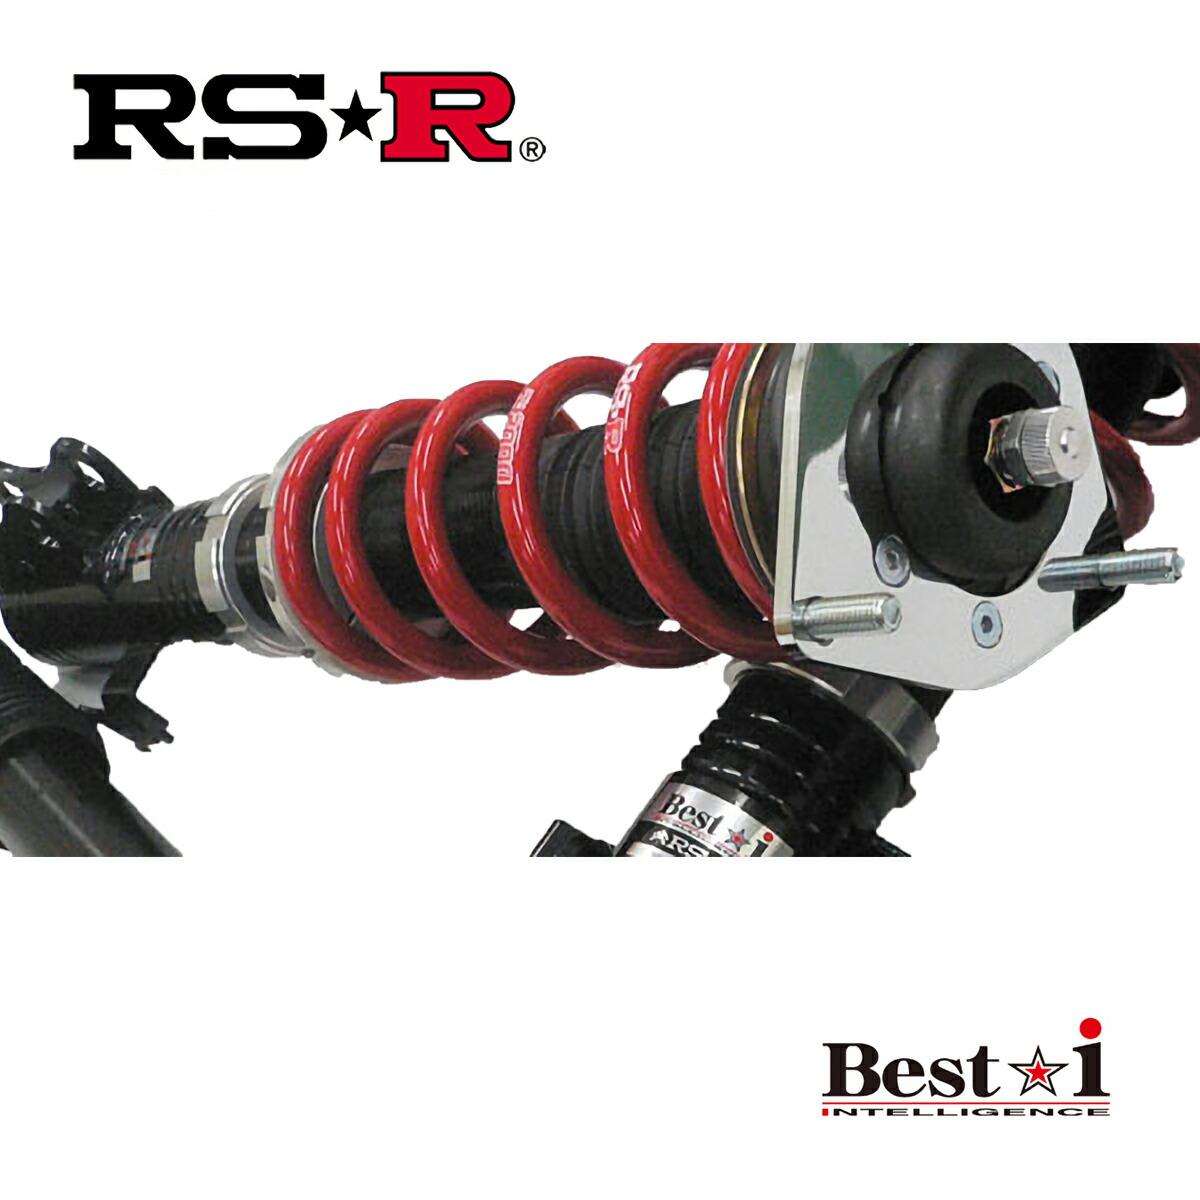 RS-R サクシード NCP160V UL-X 車高調 リア車高調整: ネジ式 BIT853H2 ベストi RSR 個人宅発送追金有